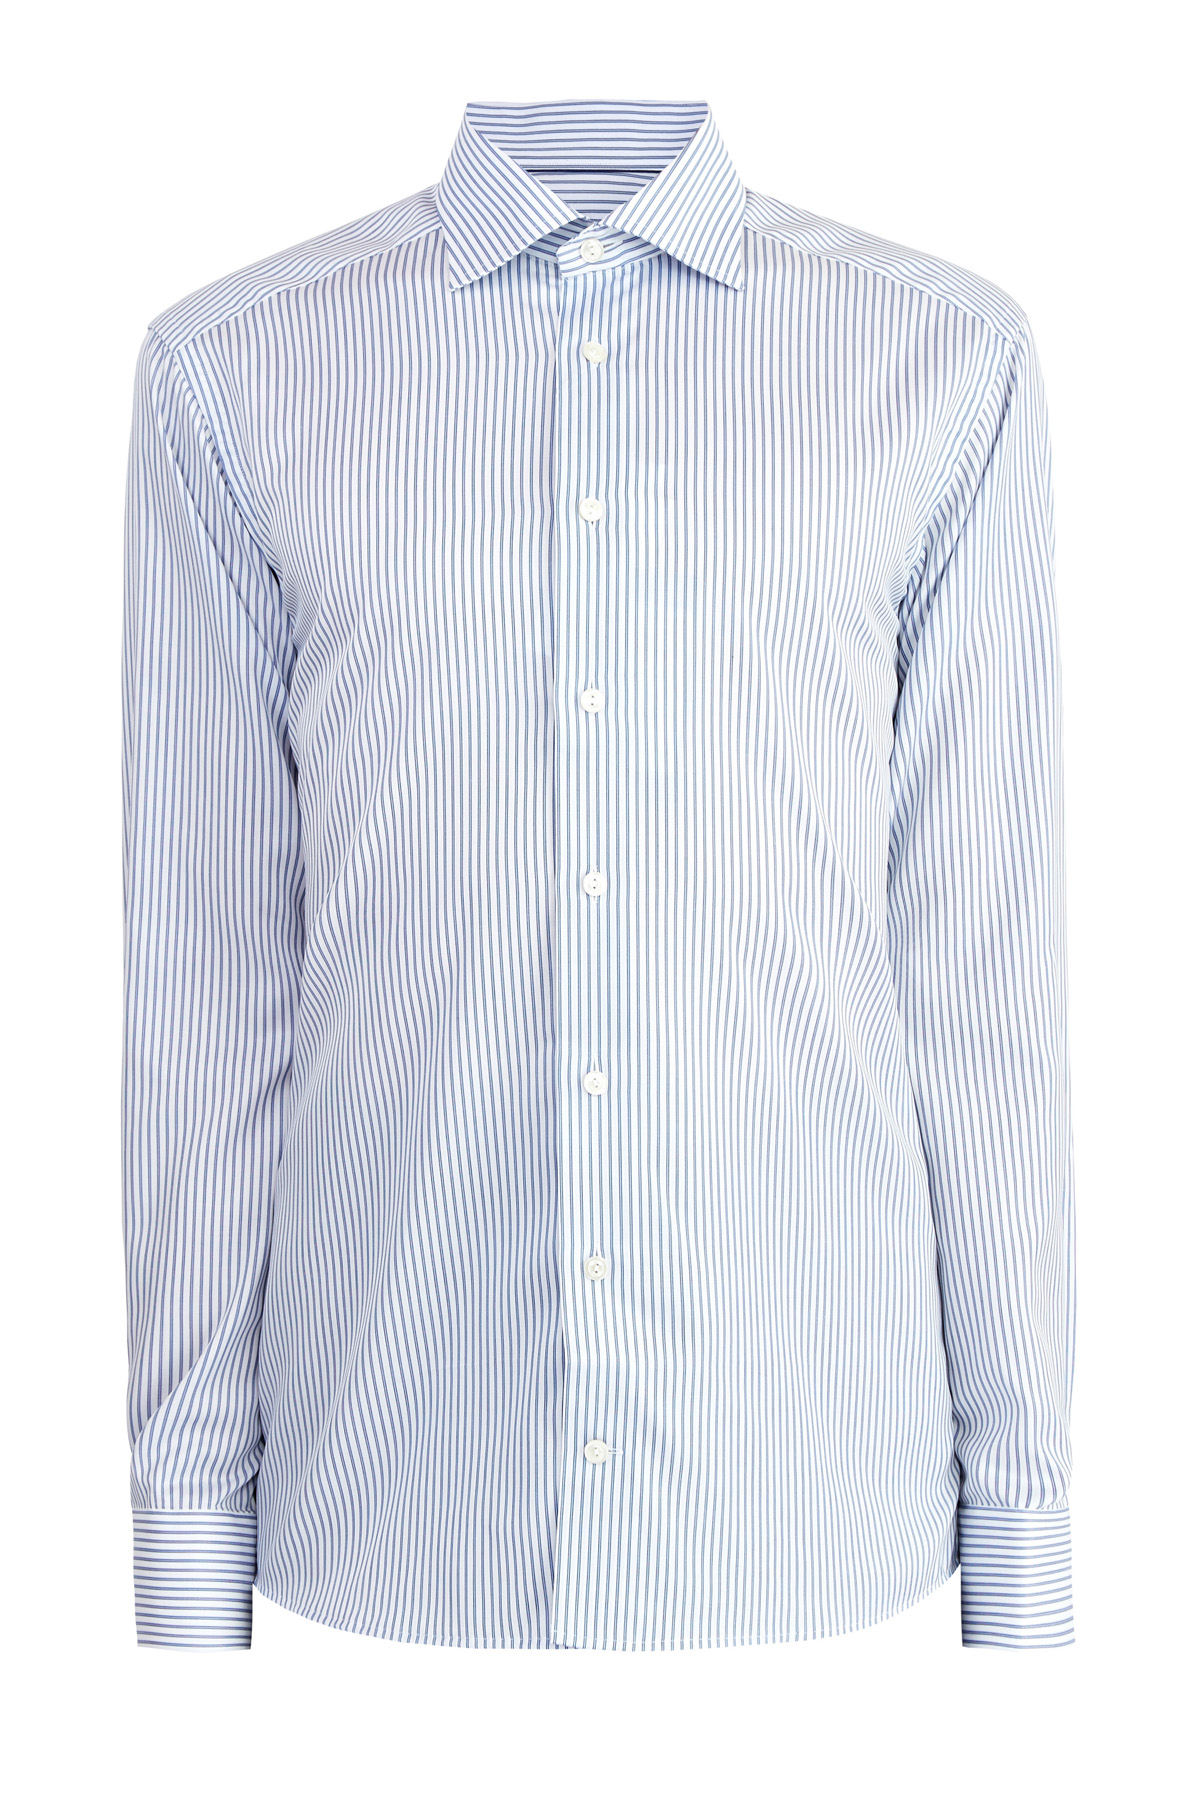 Рубашка Slim Fit из твила Signature с принтом в тонкую полоску